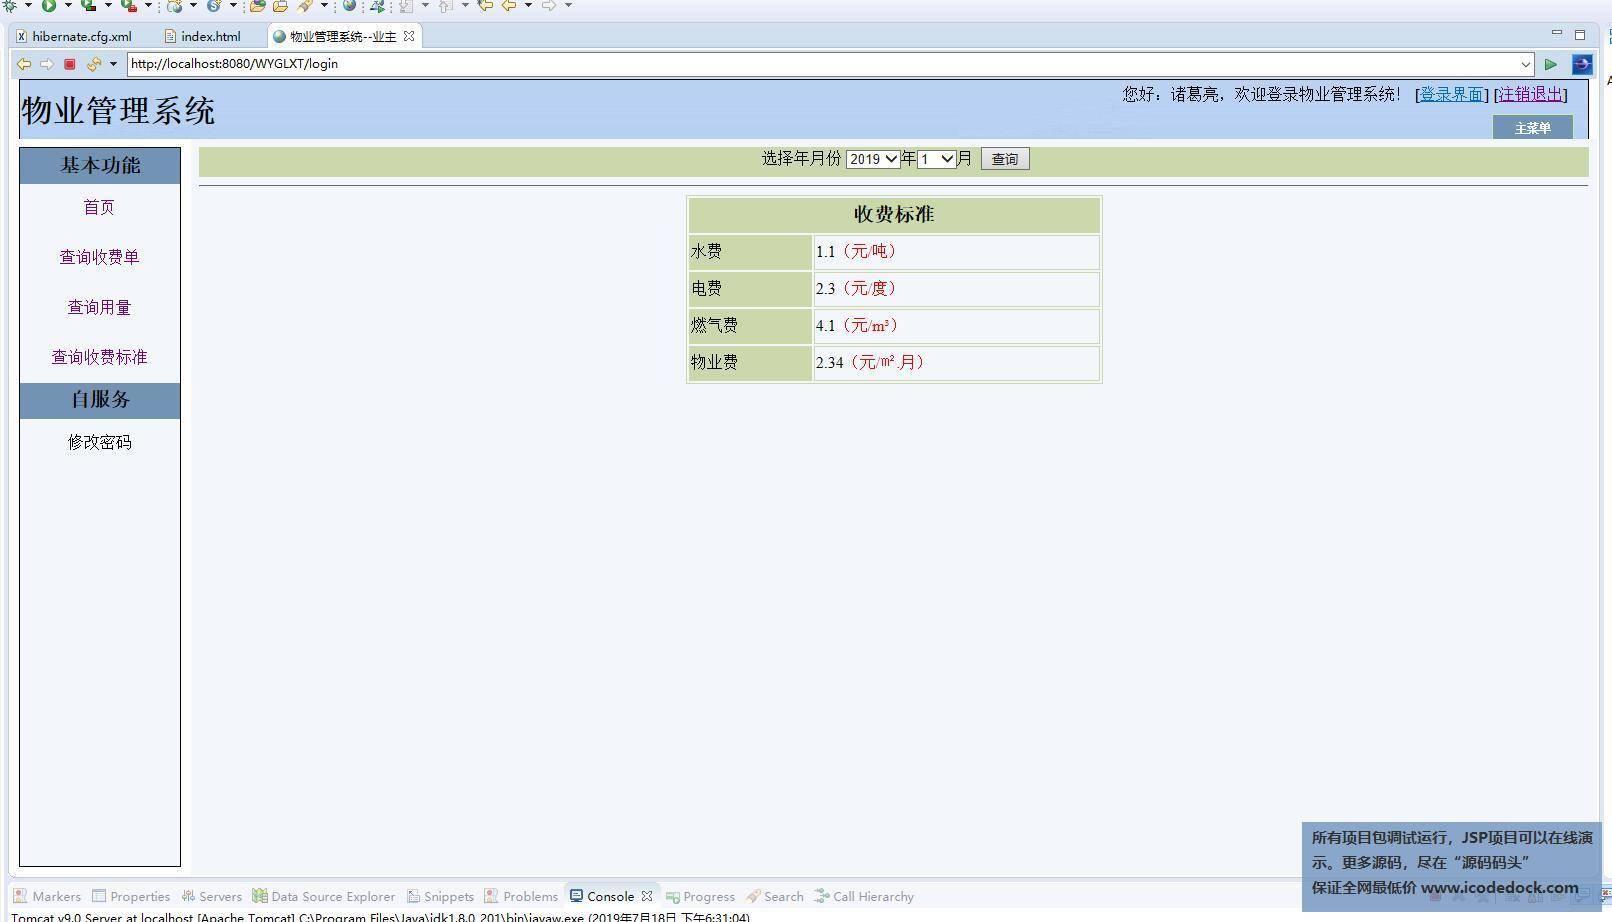 源码码头-SSH小区物业管理系统-业主角色-收费标准查询